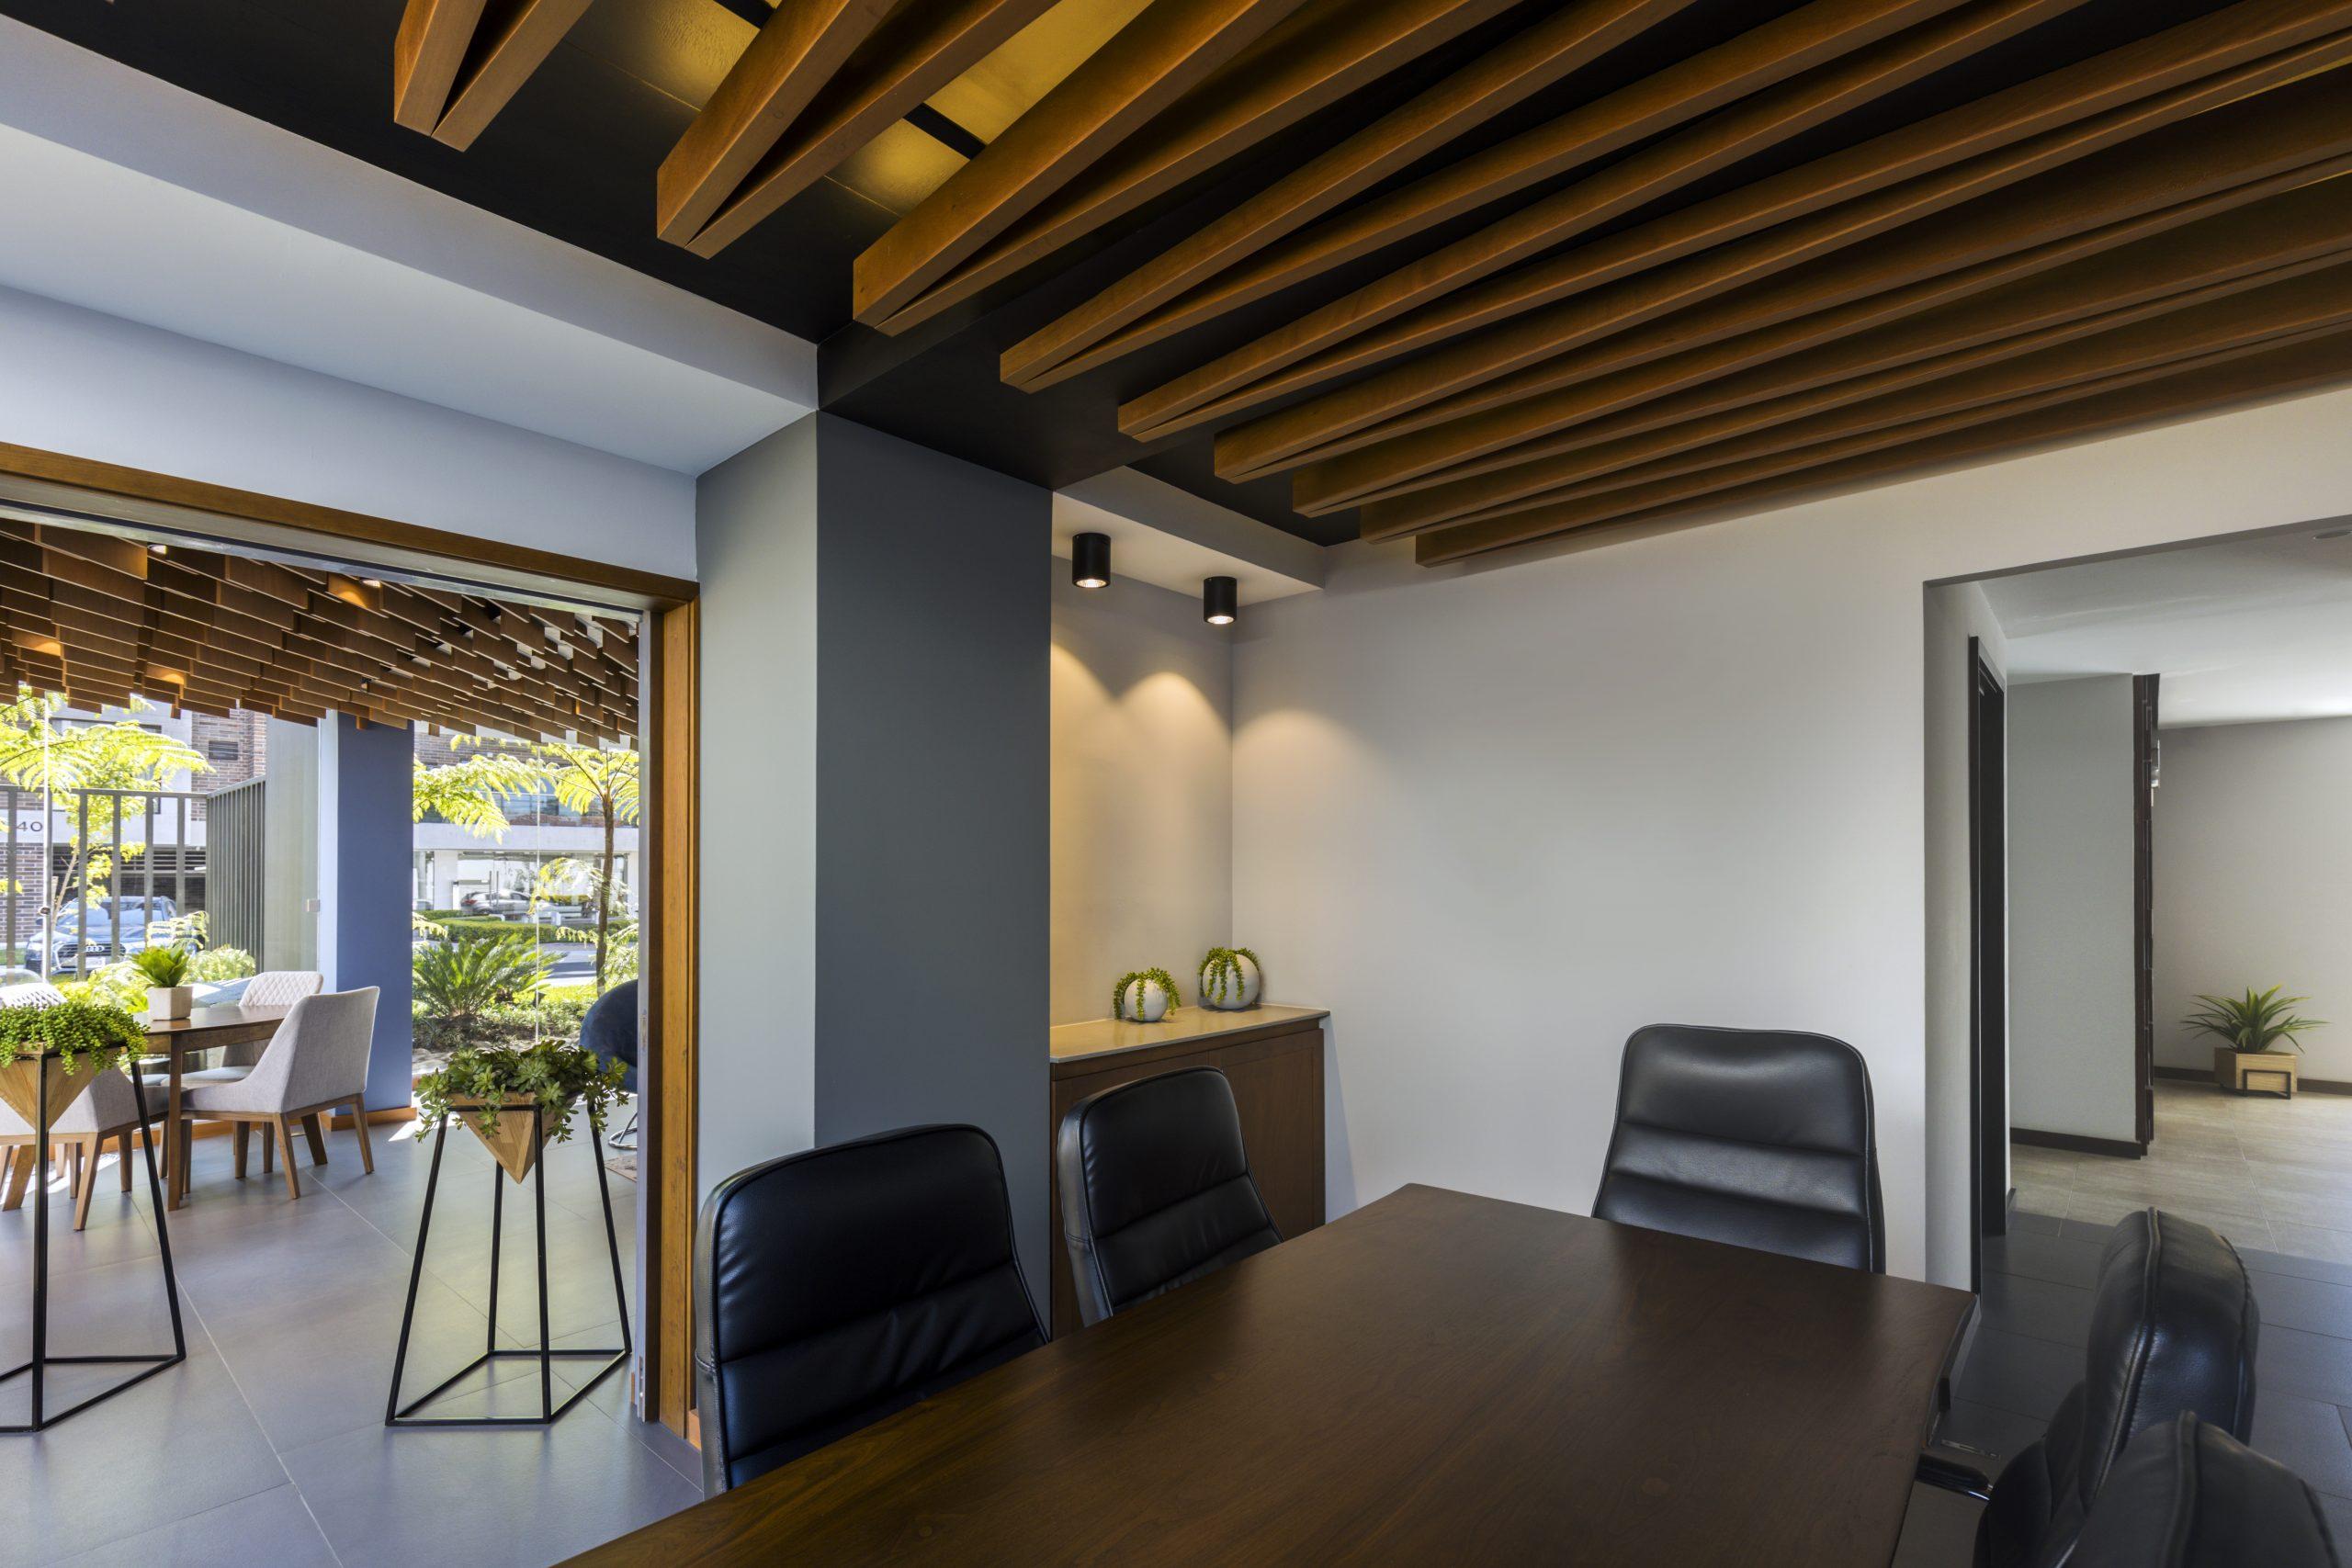 Apartamentos atelier_danta arquitectura BIM, UX arquitectura